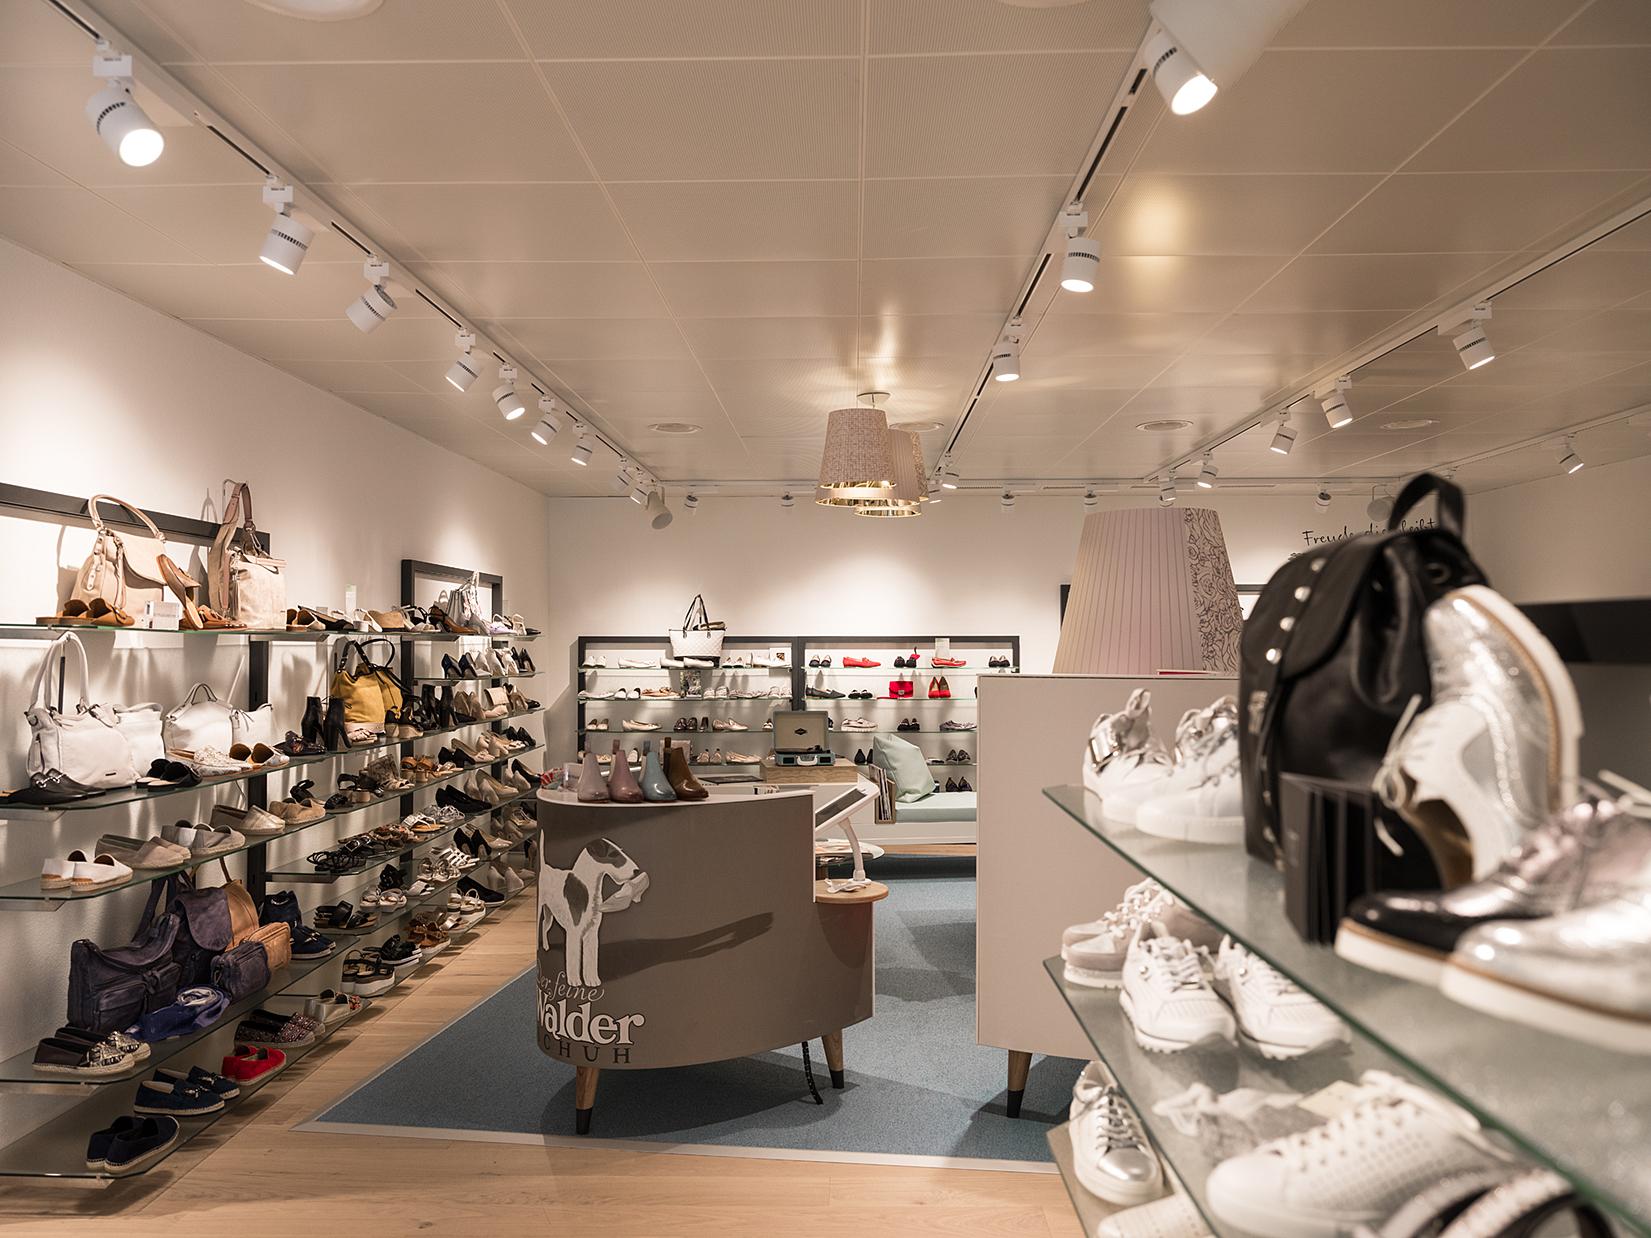 125 Jahre Walder Schuhe